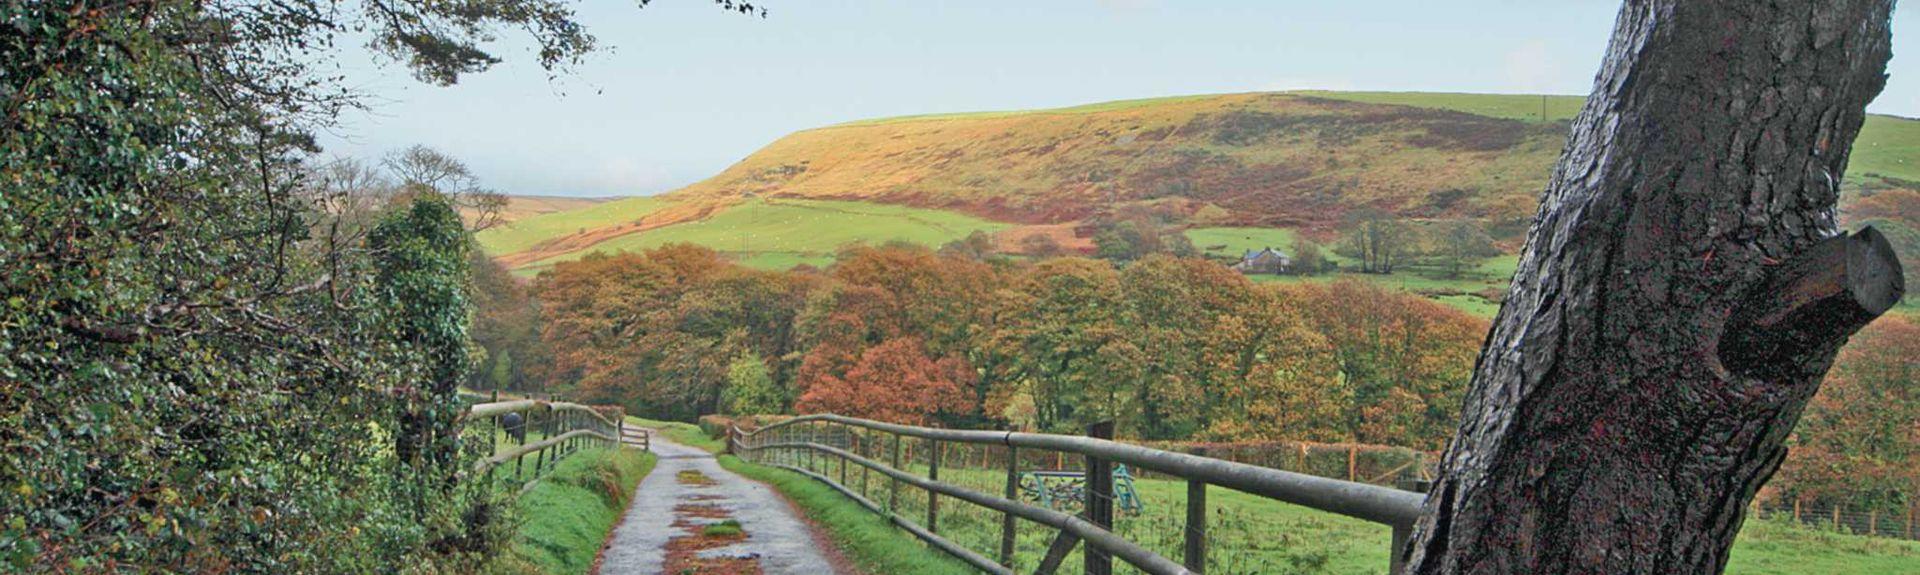 Treorchy, Gales, Reino Unido